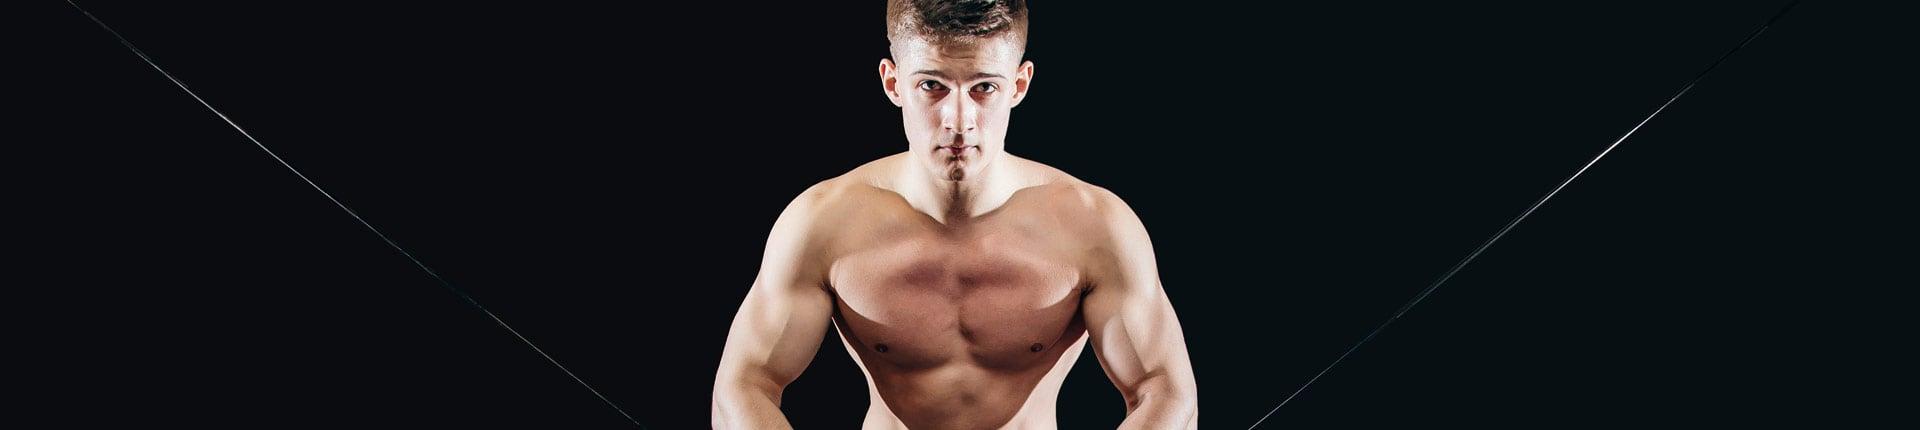 Jak zacząć trening siłowy - rozpiska i przykłady. Poznaj ćwiczenia początkującego.